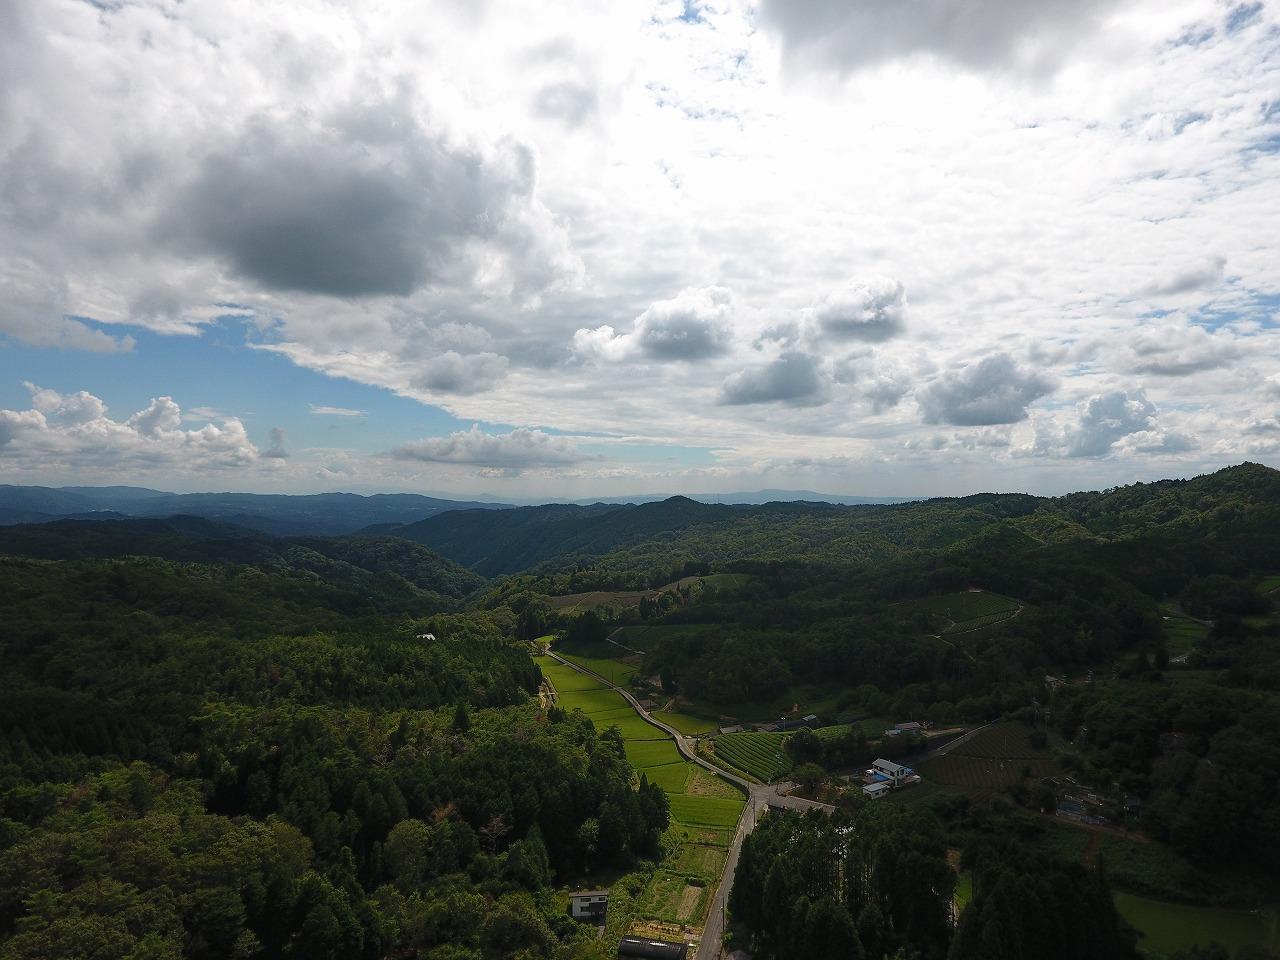 ドローン操縦体験!!京都唯一の村!日本遺産認定 「宇治茶の茶園」の空へ!